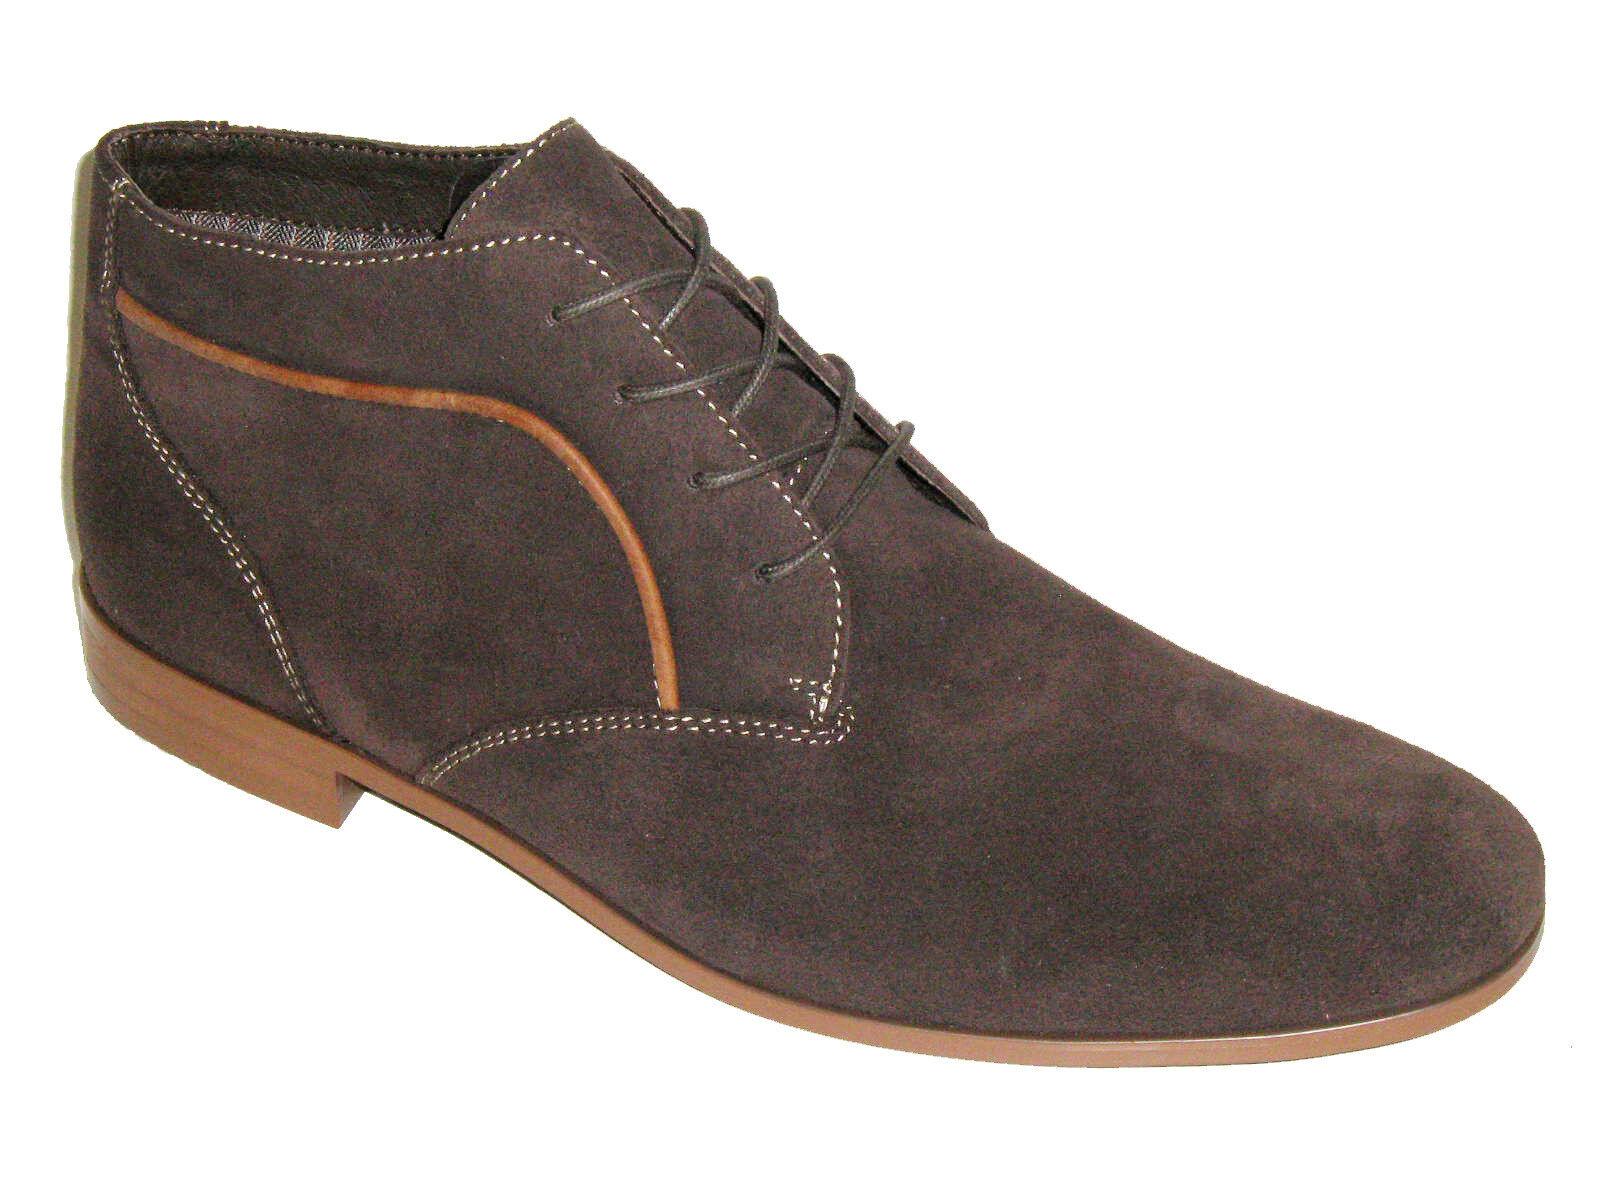 Original Penguin Pederson Chukka Suede Lace Up Men's Dress shoes Boots Size 9